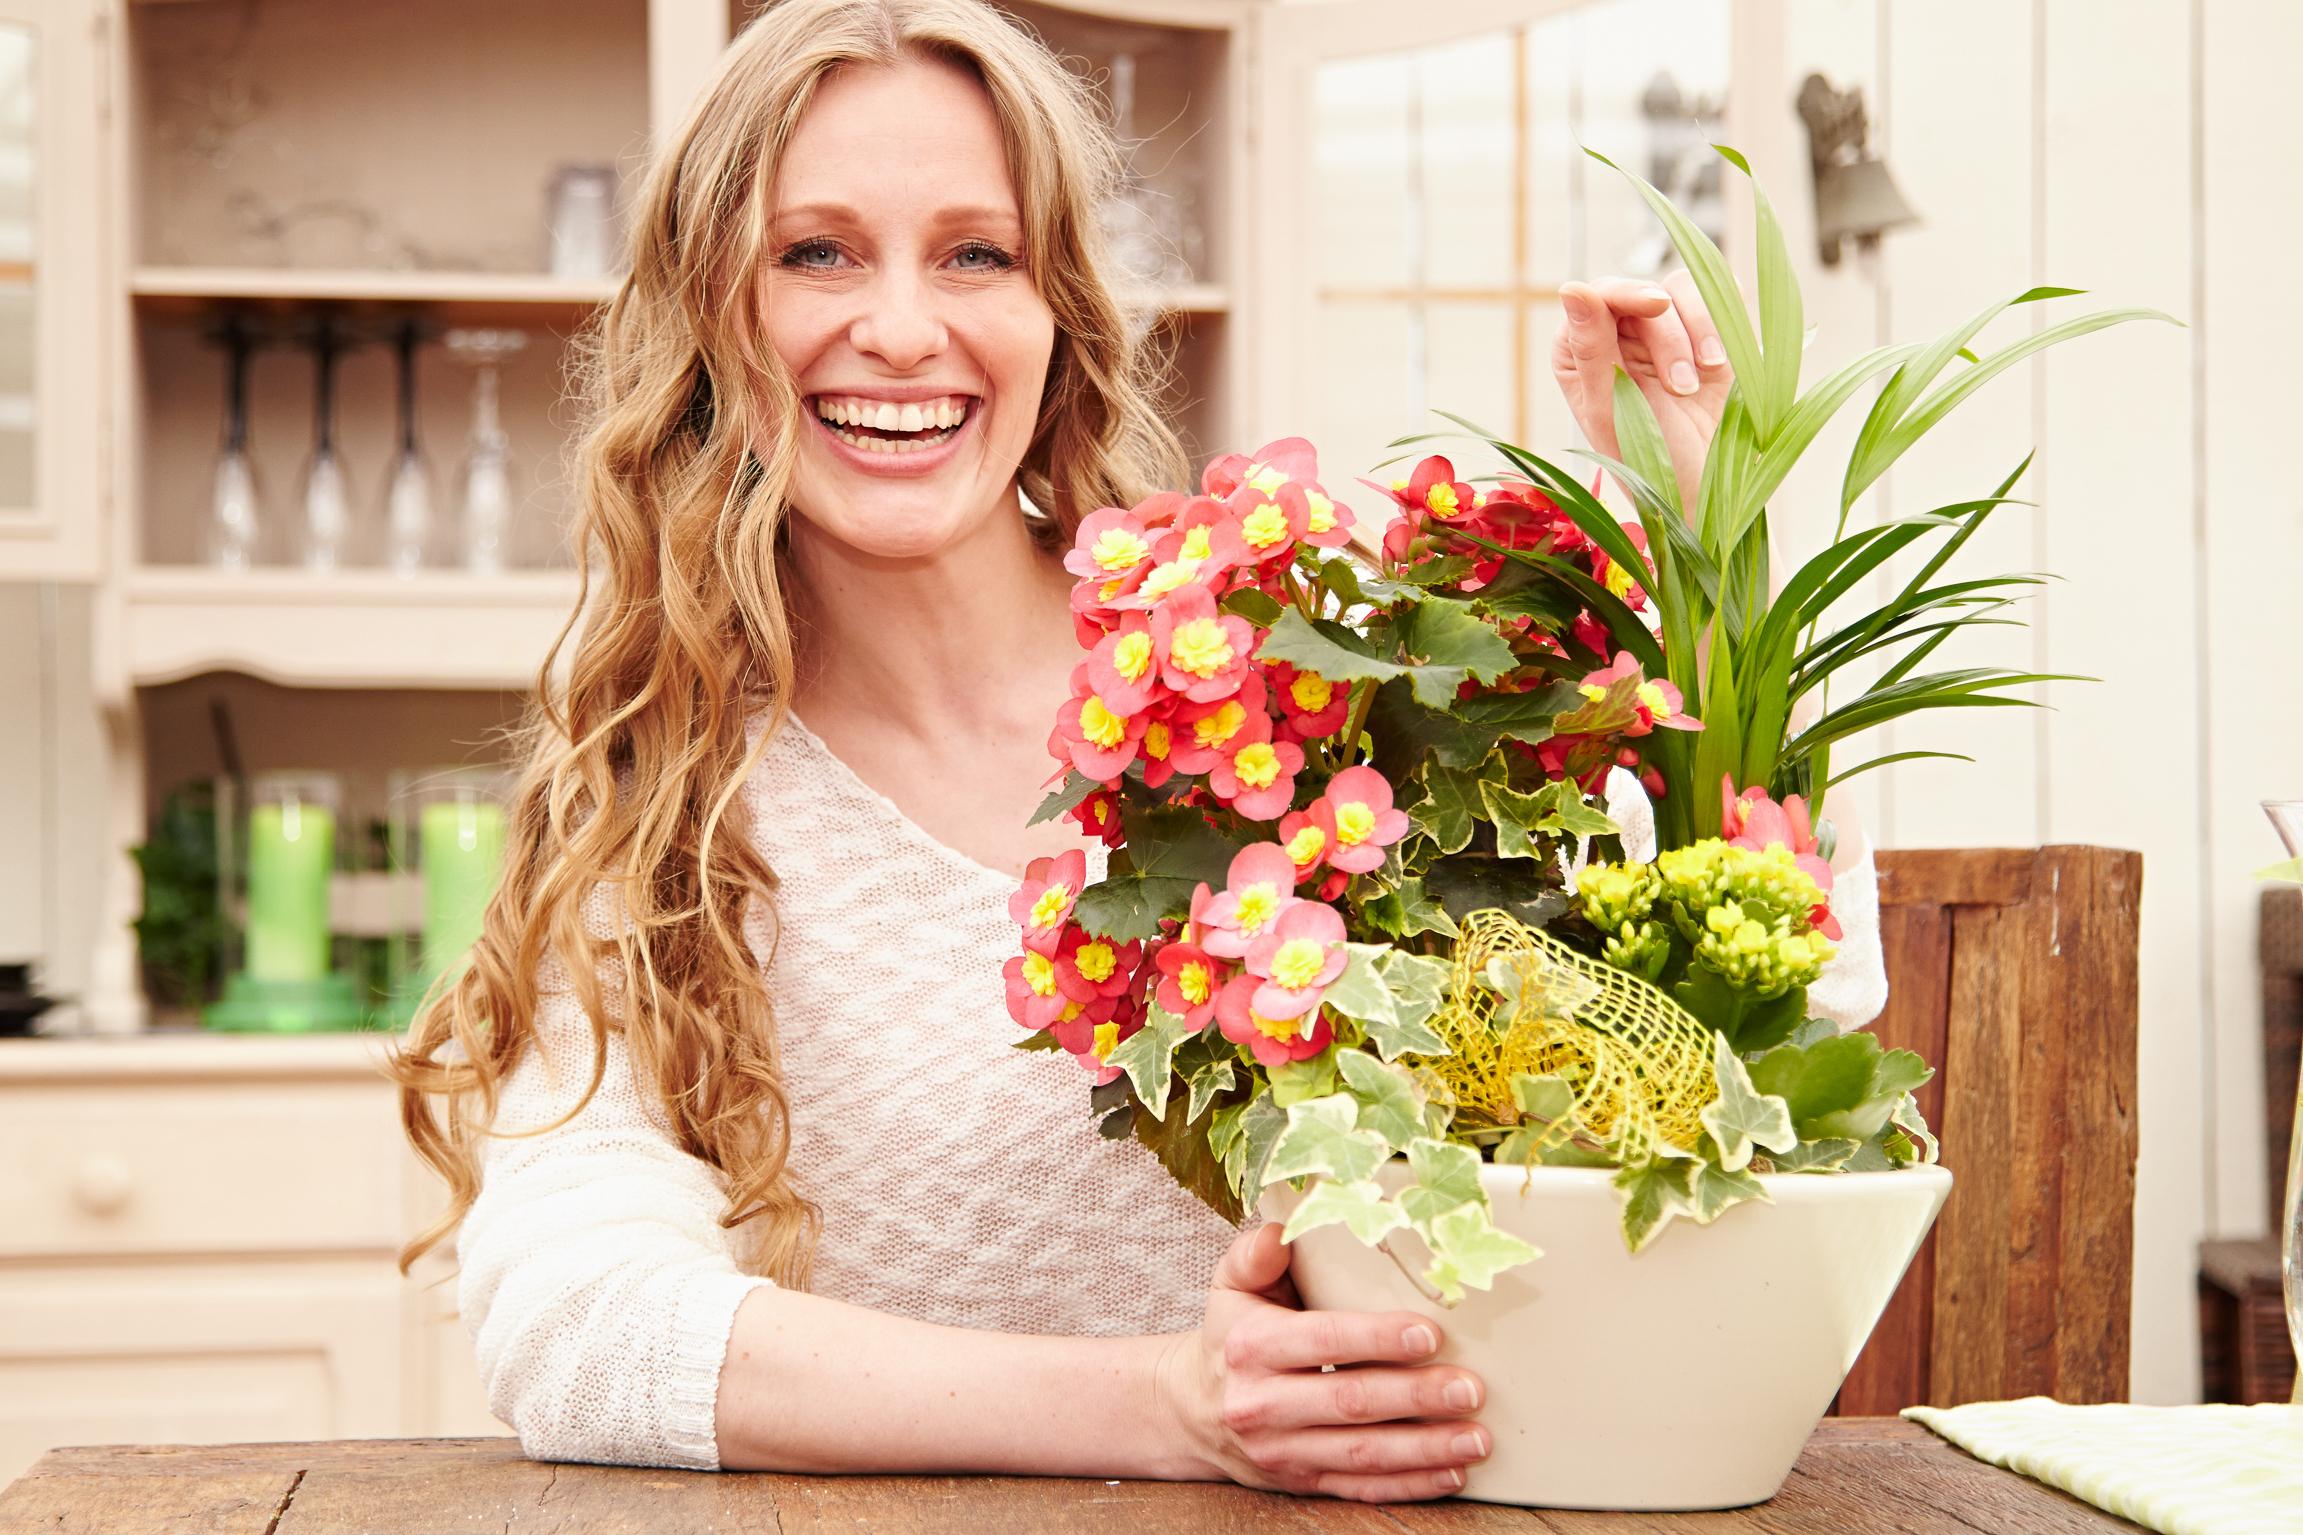 Lieblingsblumen zum Muttertag machen nachweislich glücklich